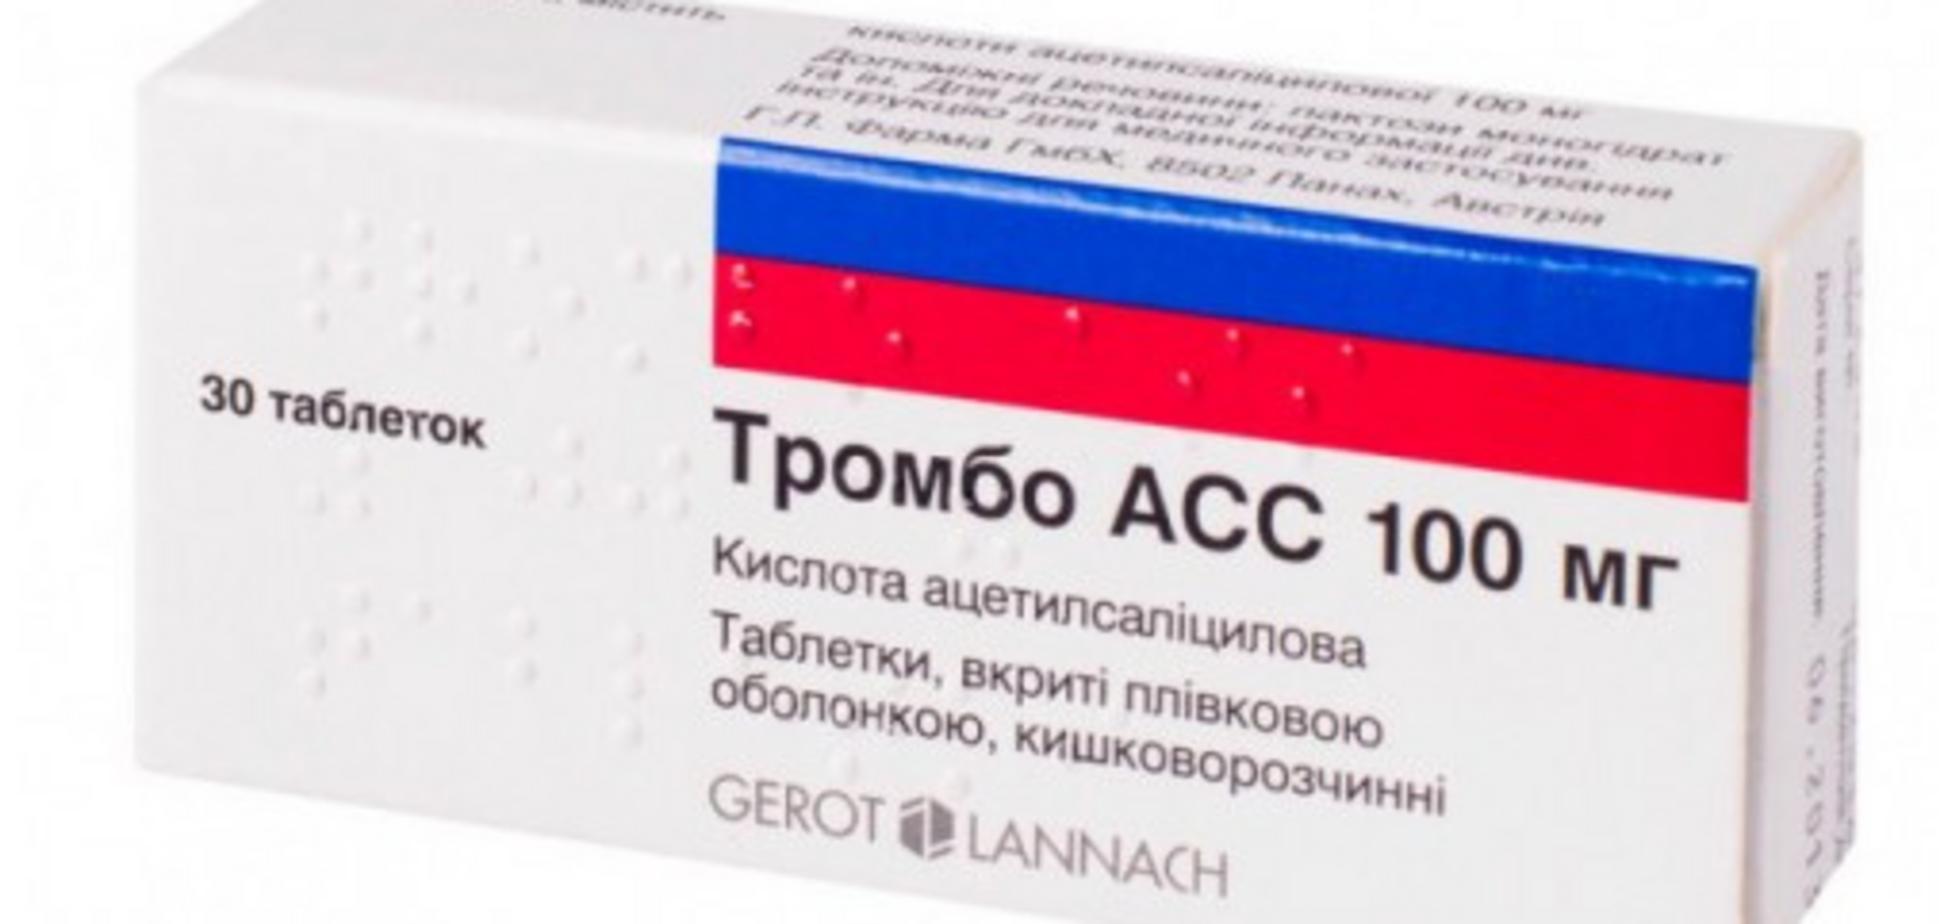 'Уничтожить незамедлительно!' В Украине запретили популярное лекарство для крови